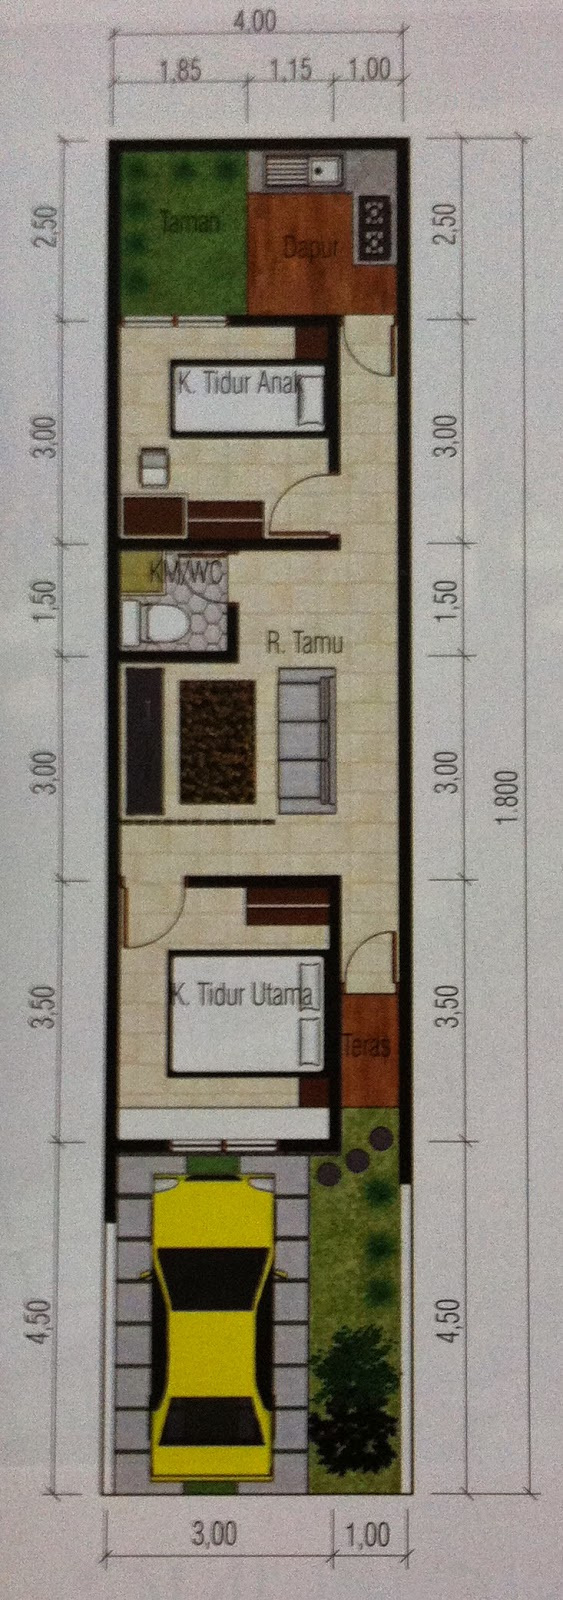 desain rumah minimalis lebar 4 meter